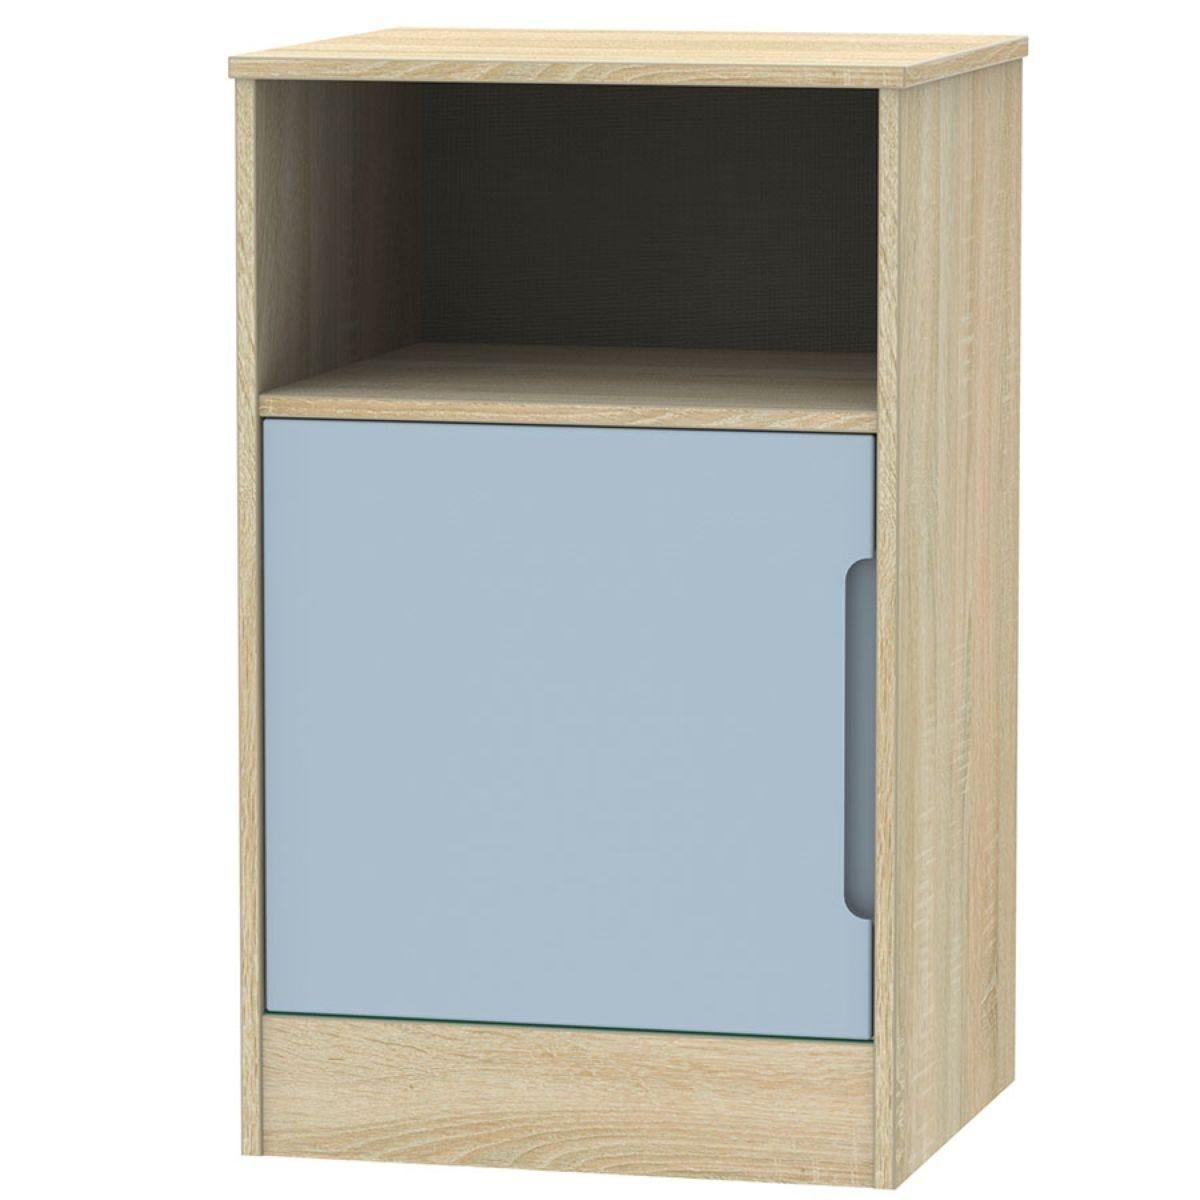 Barquero 1-Door Bedside Table - Pine/Denim